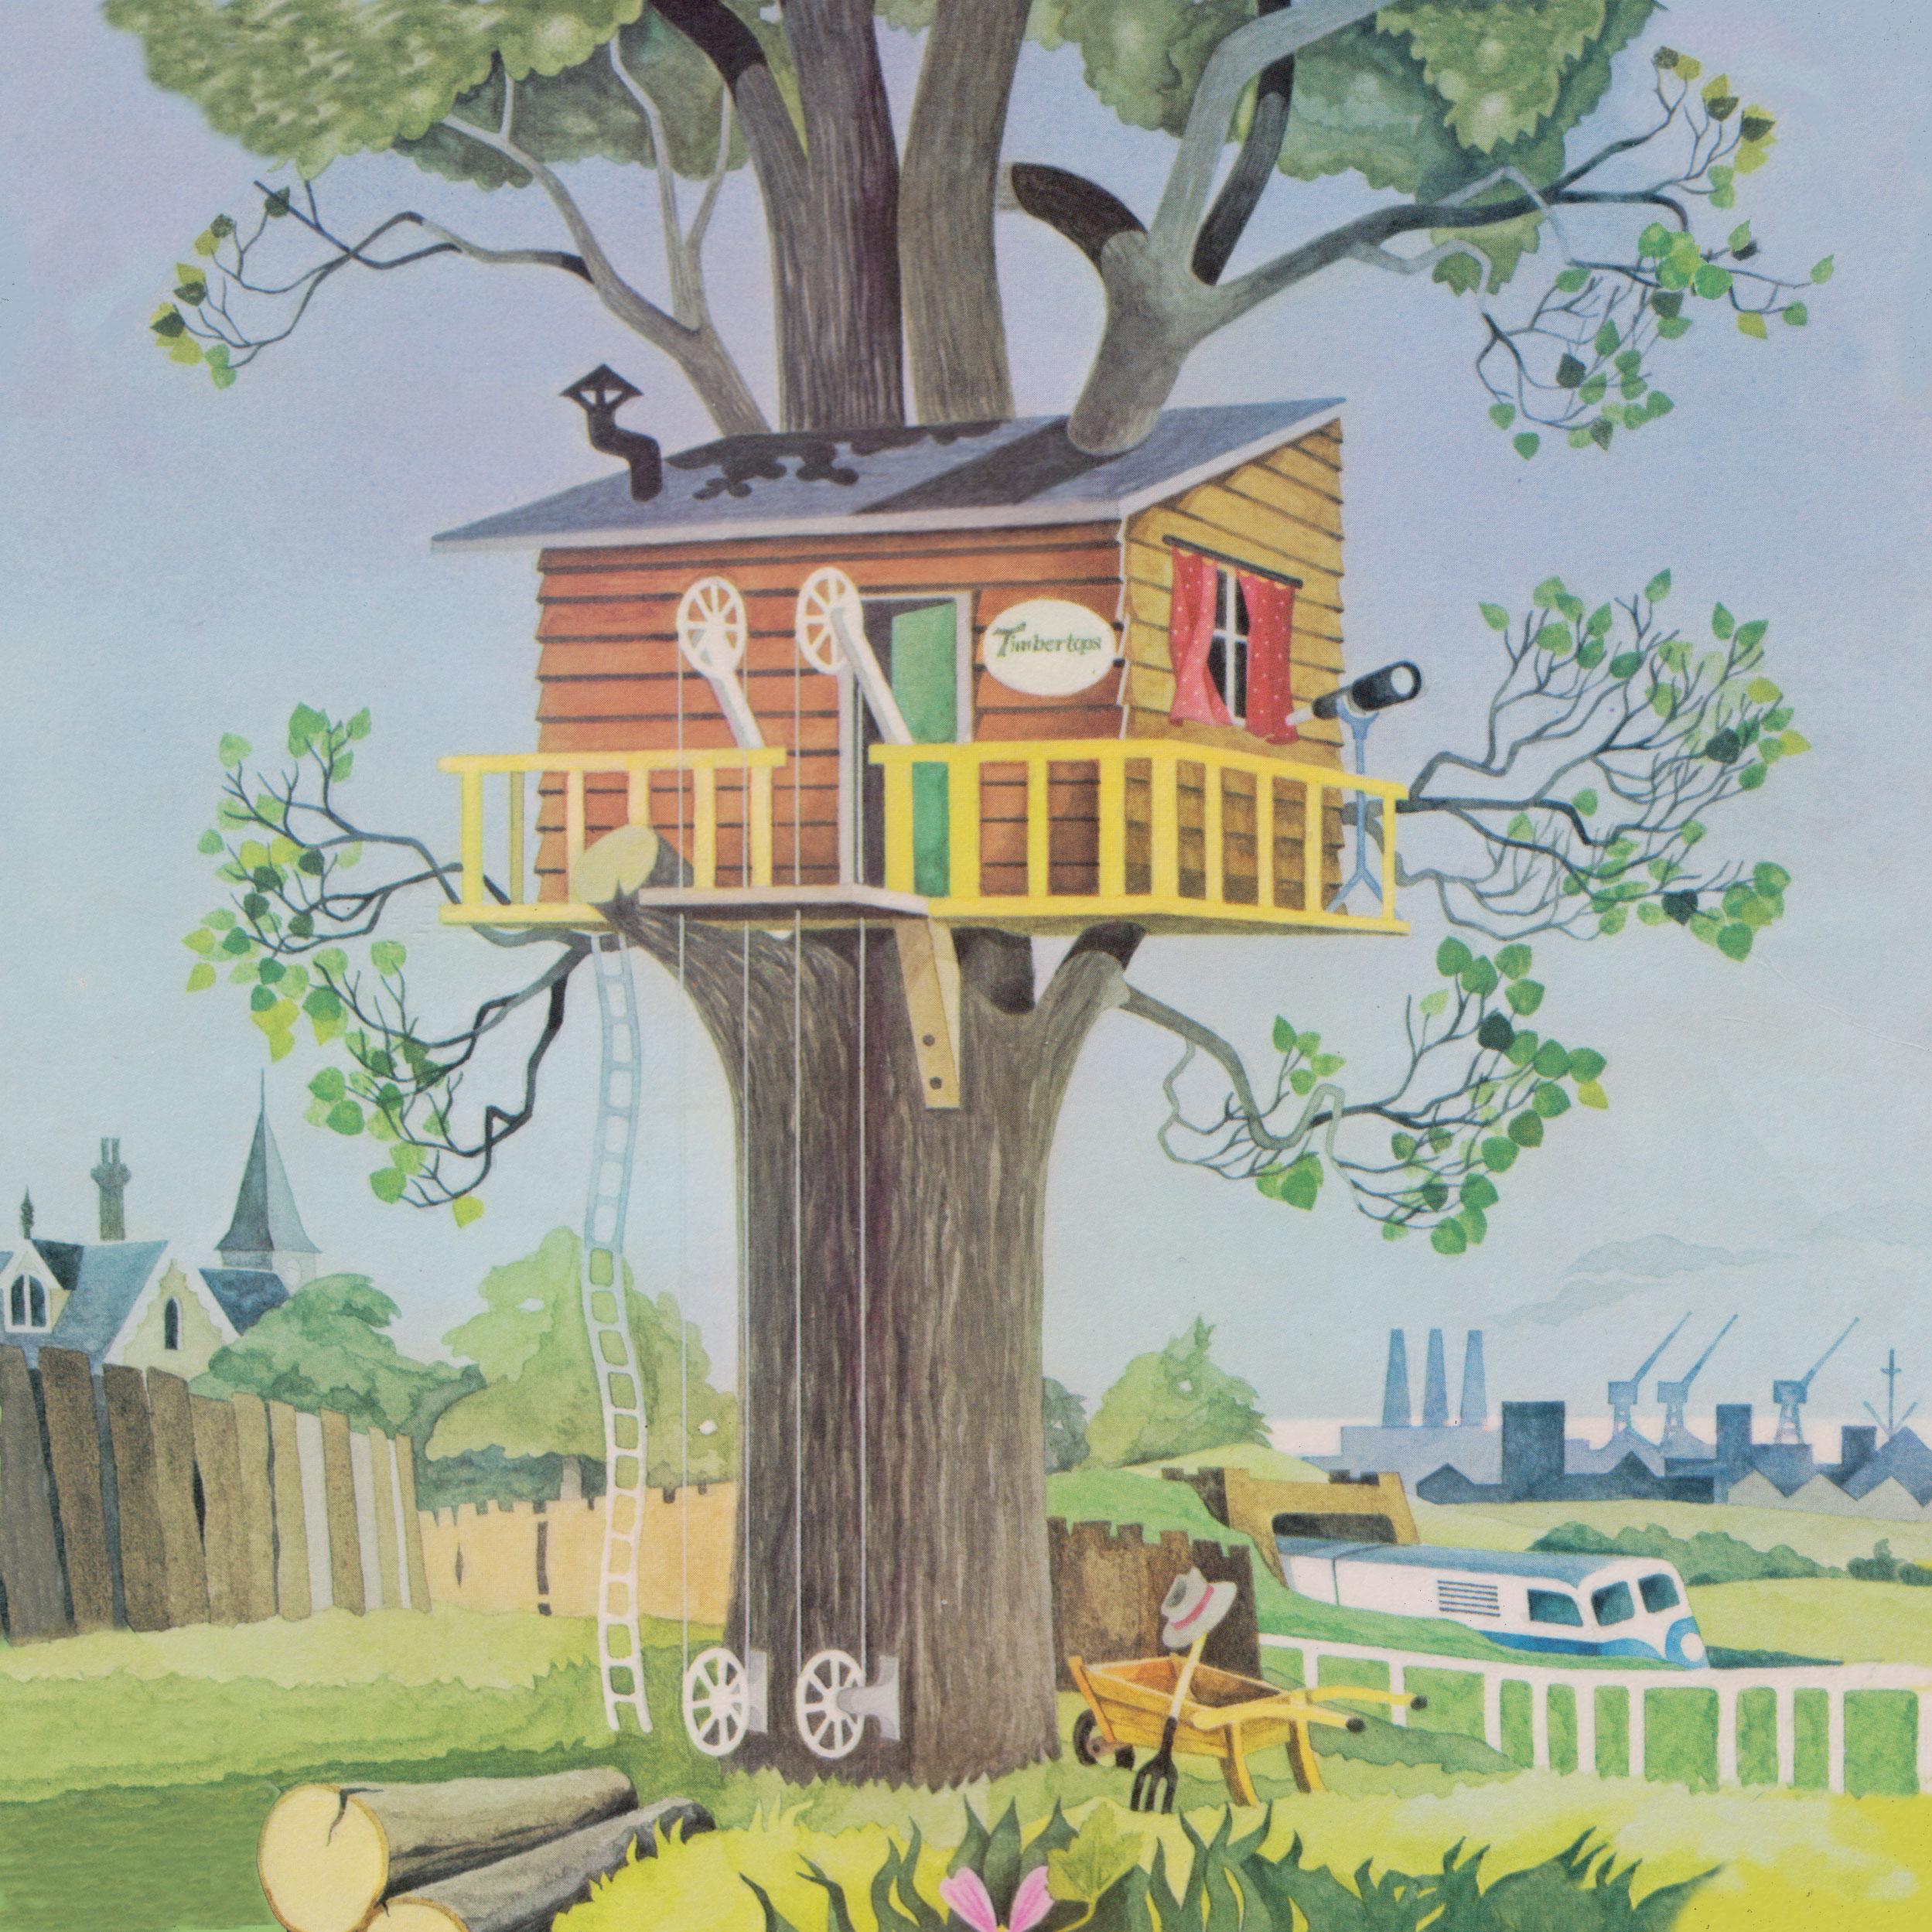 LISTEN: Timbertops, a rare children's album from 1974